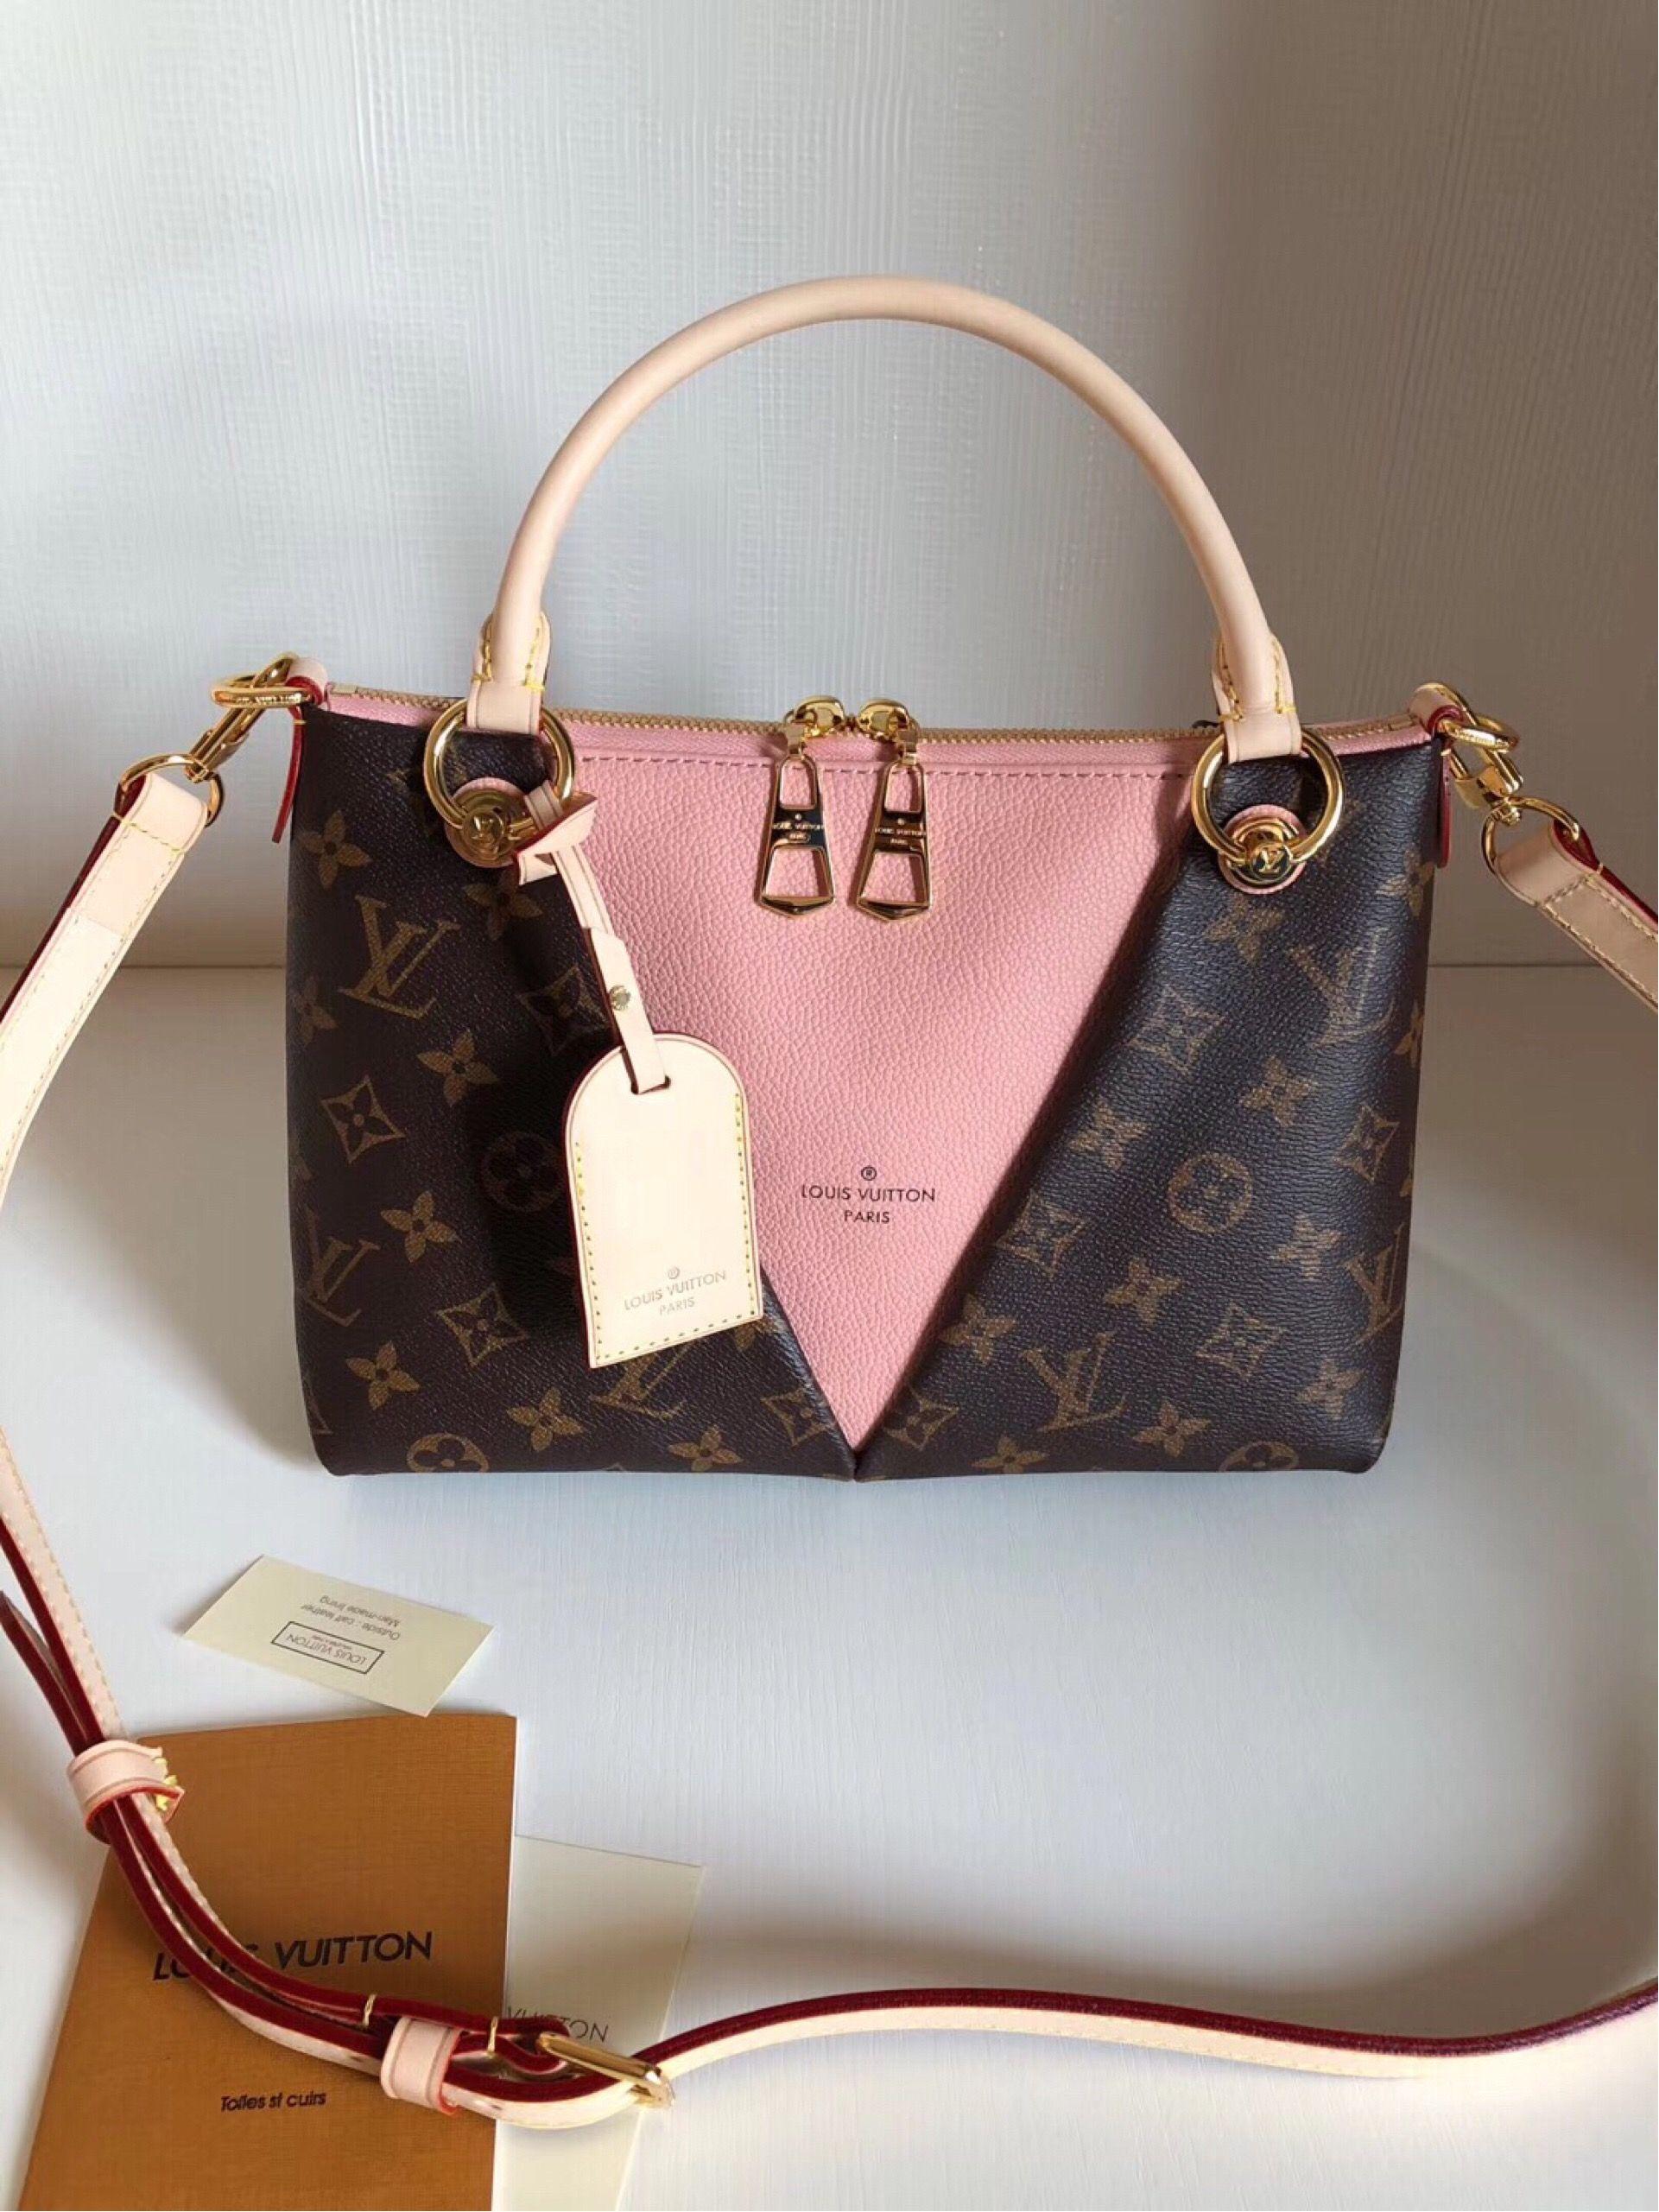 8ab208de8ff7 Louis Vuitton V Tote Bag M43967 Rose  louis vuitton v tote bag  louis   vuitton  v  tote bag  lv tote bag  lv tote purses  lv tote